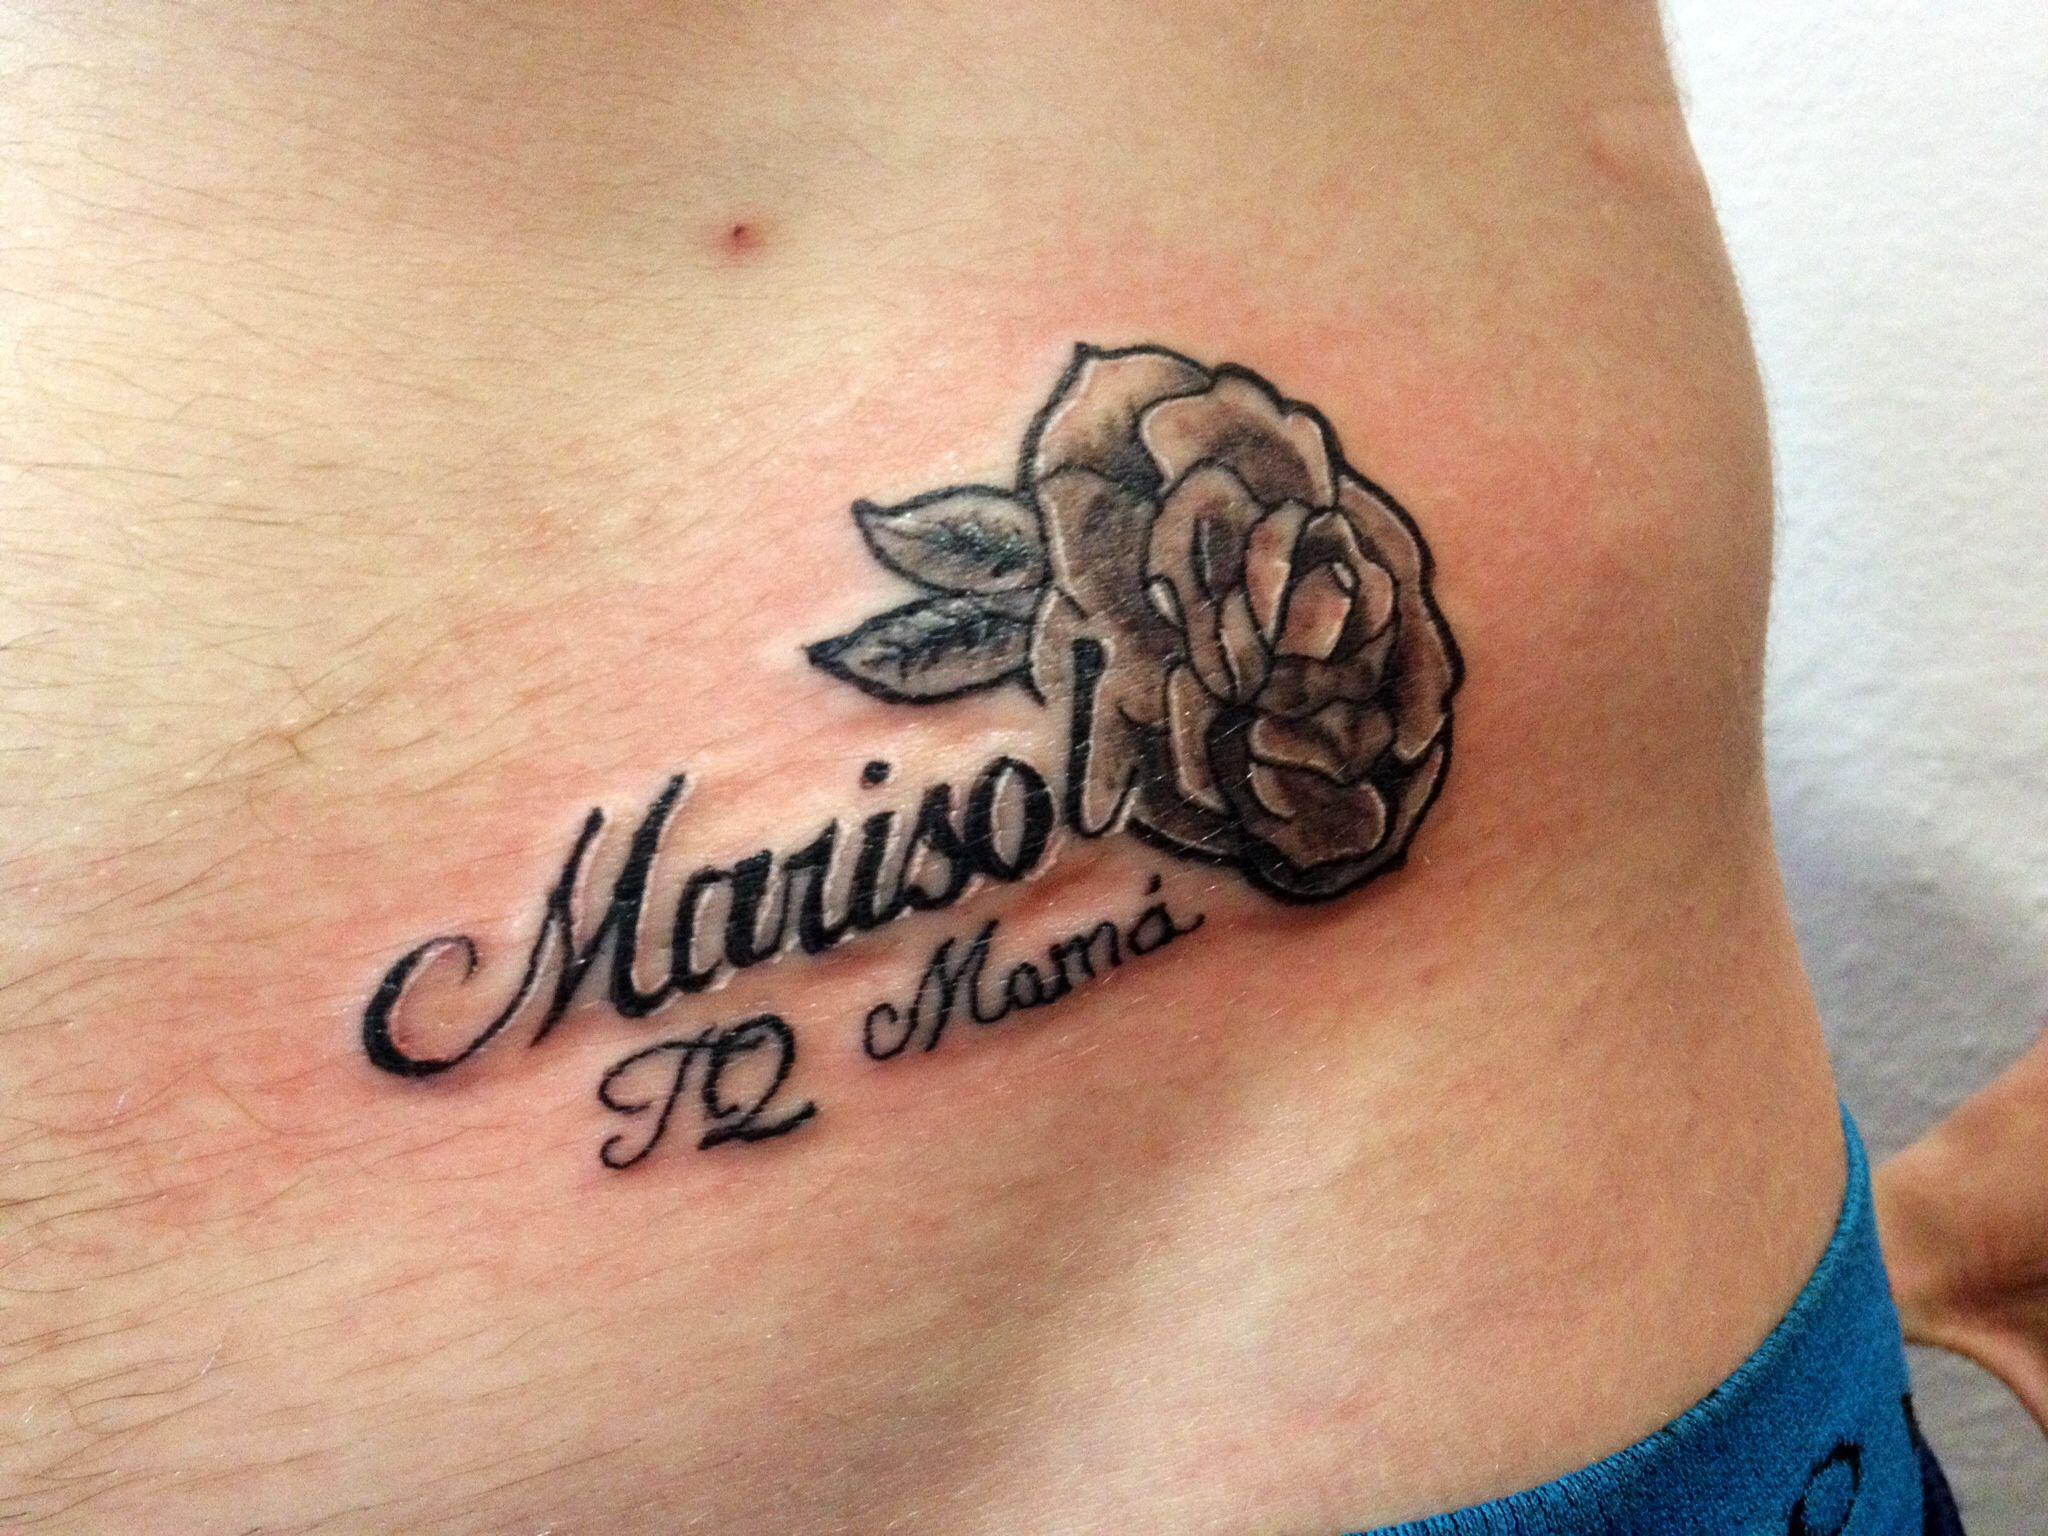 Tattoo Name Lettering Rose Marisol Tatuaje Rosa Con Nombre Tatuajes De Nombres Tatuaje De Nombre